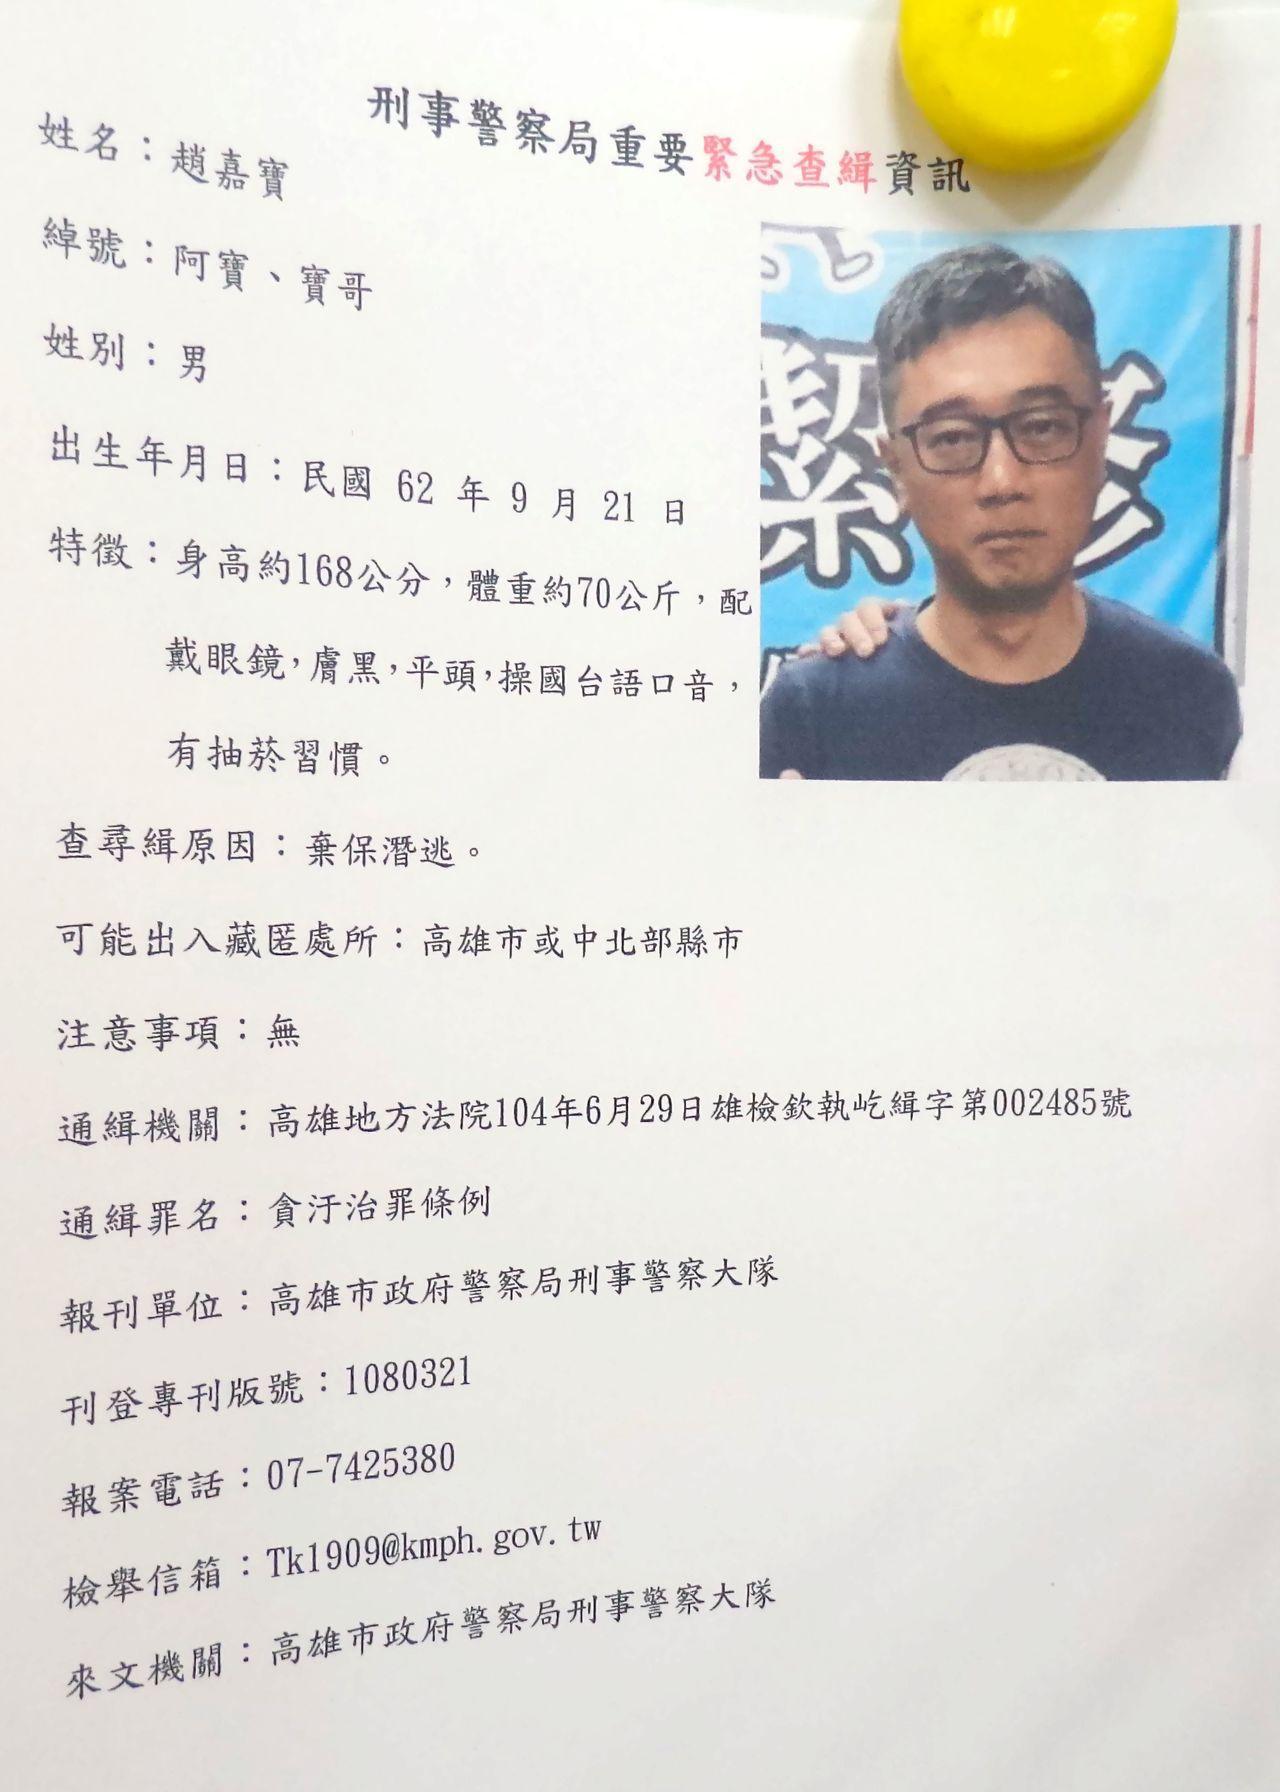 高雄市警方今天列印出趙嘉寶的查緝專刊,張貼各單位要捉拿他。記者林保光/攝影